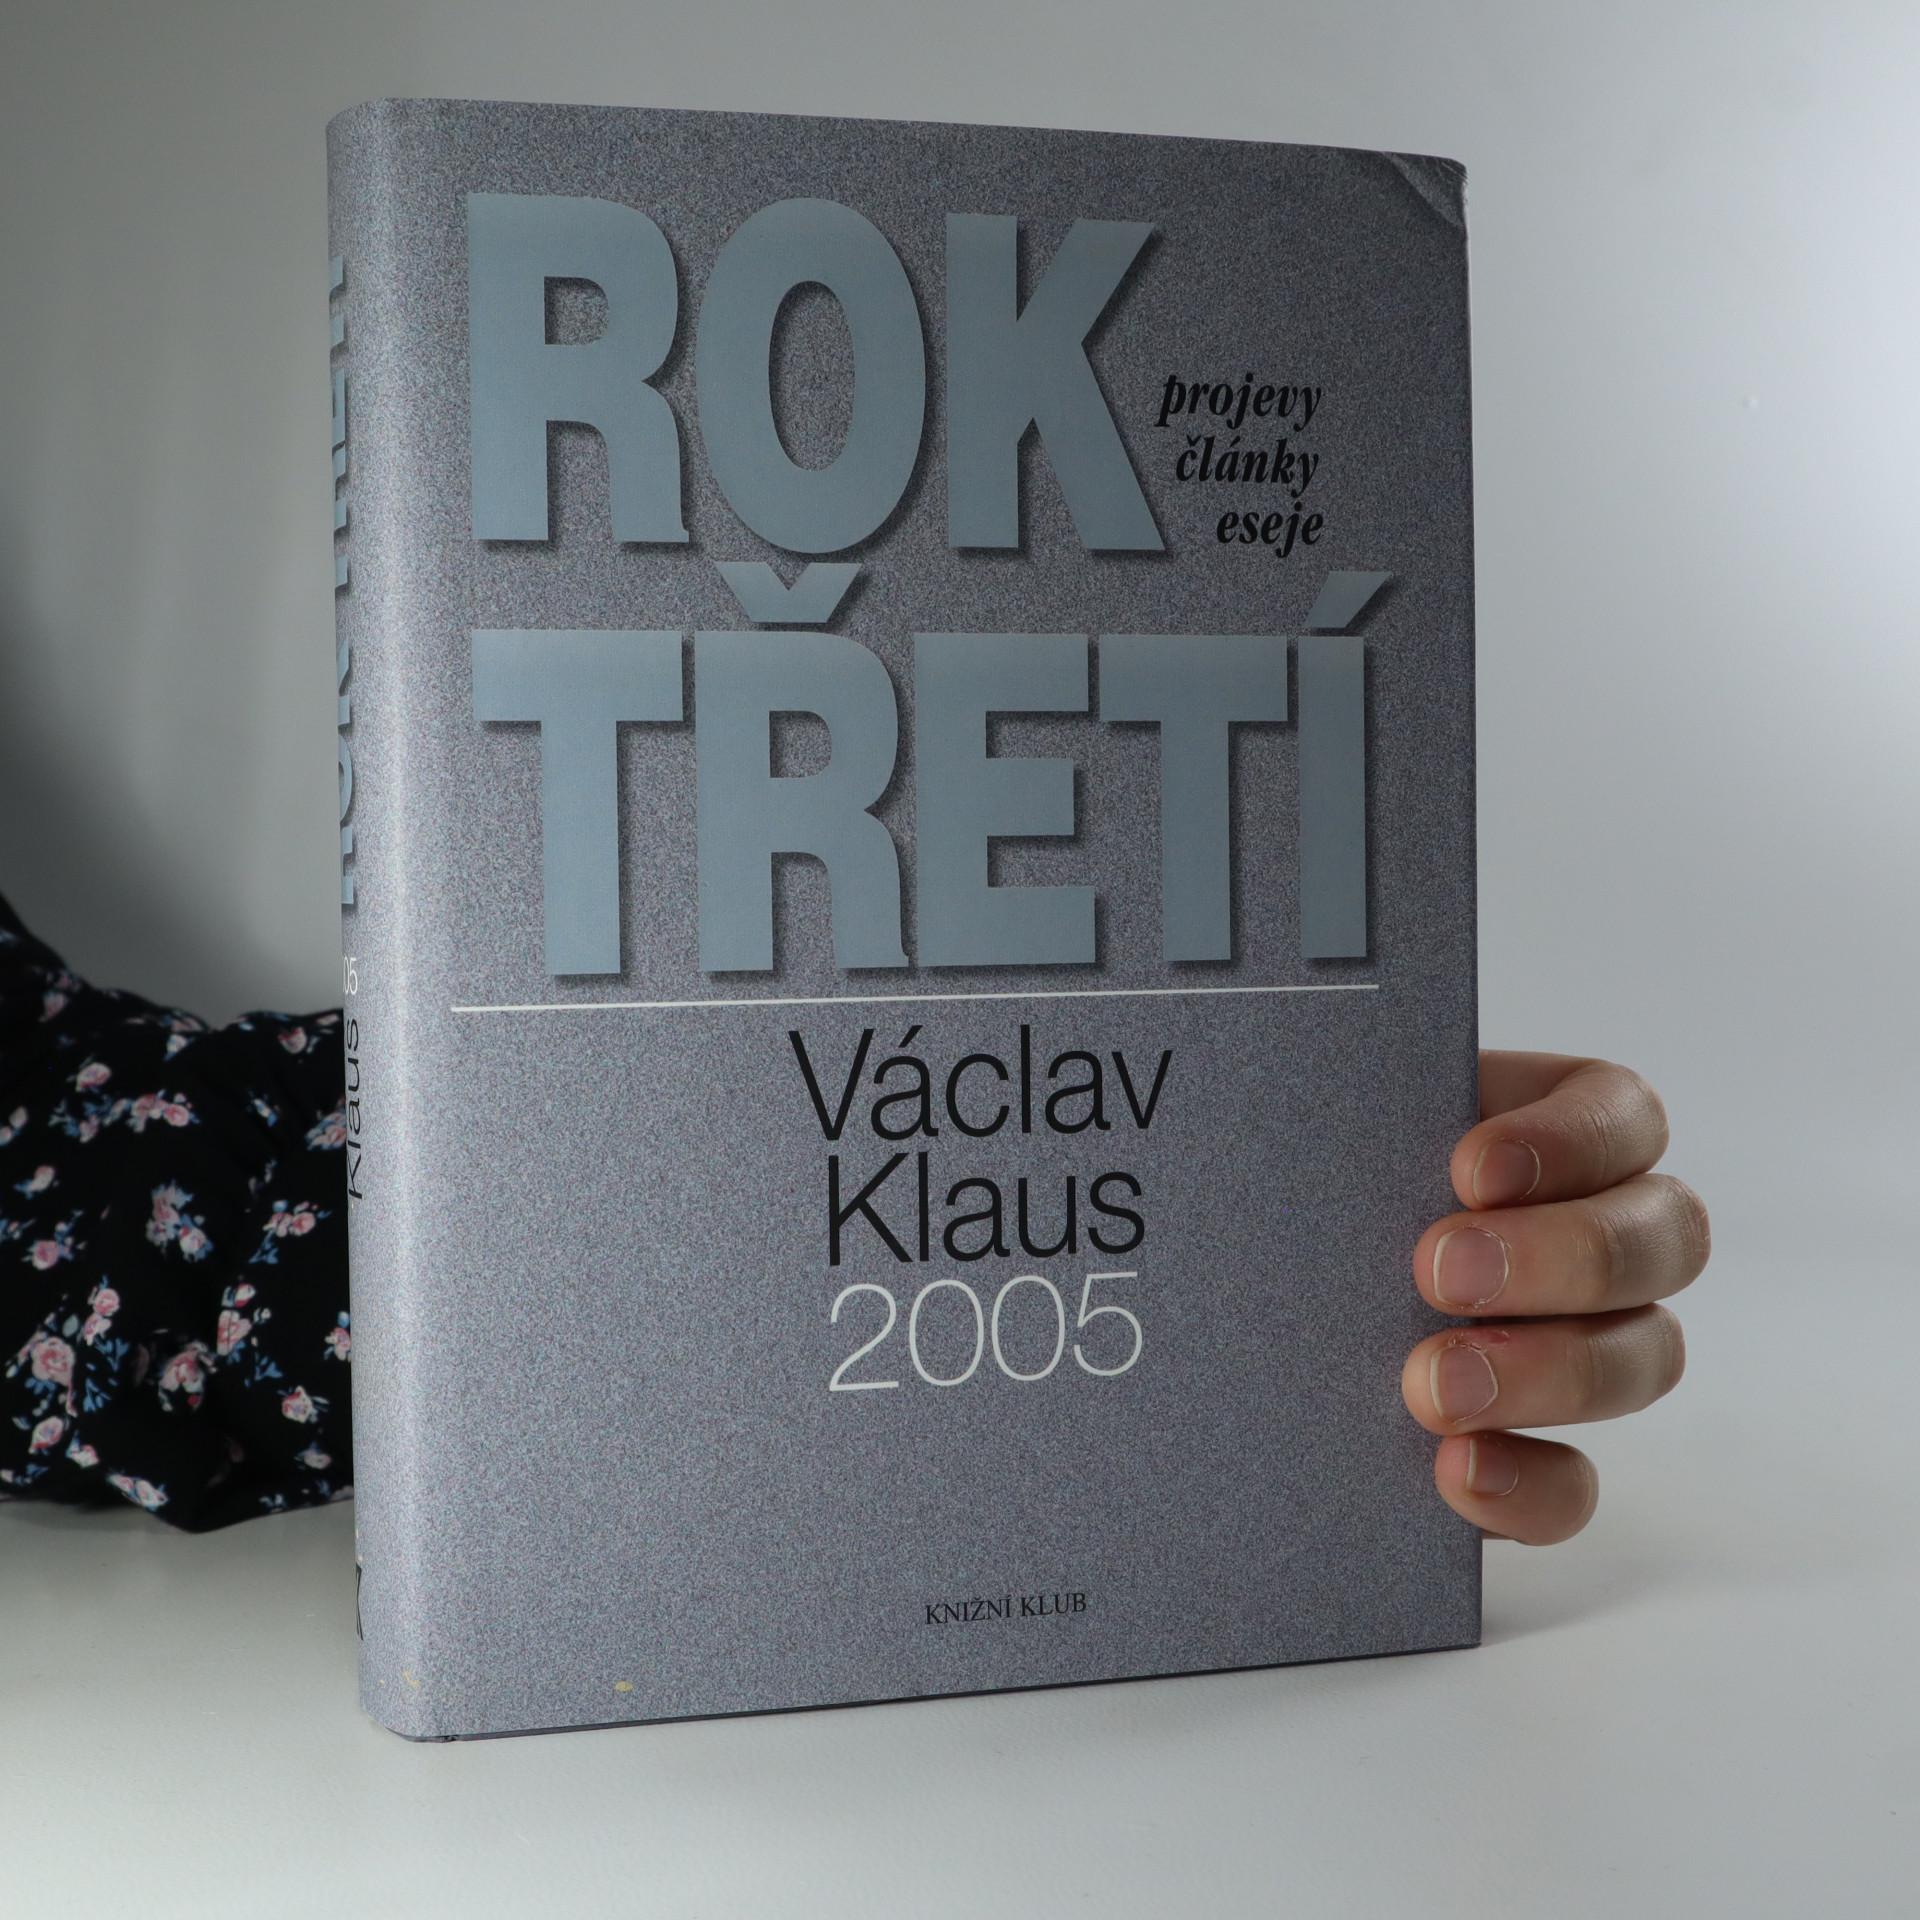 antikvární kniha Rok třetí. Václav Klaus 2005. Projevy, články, eseje, 2006